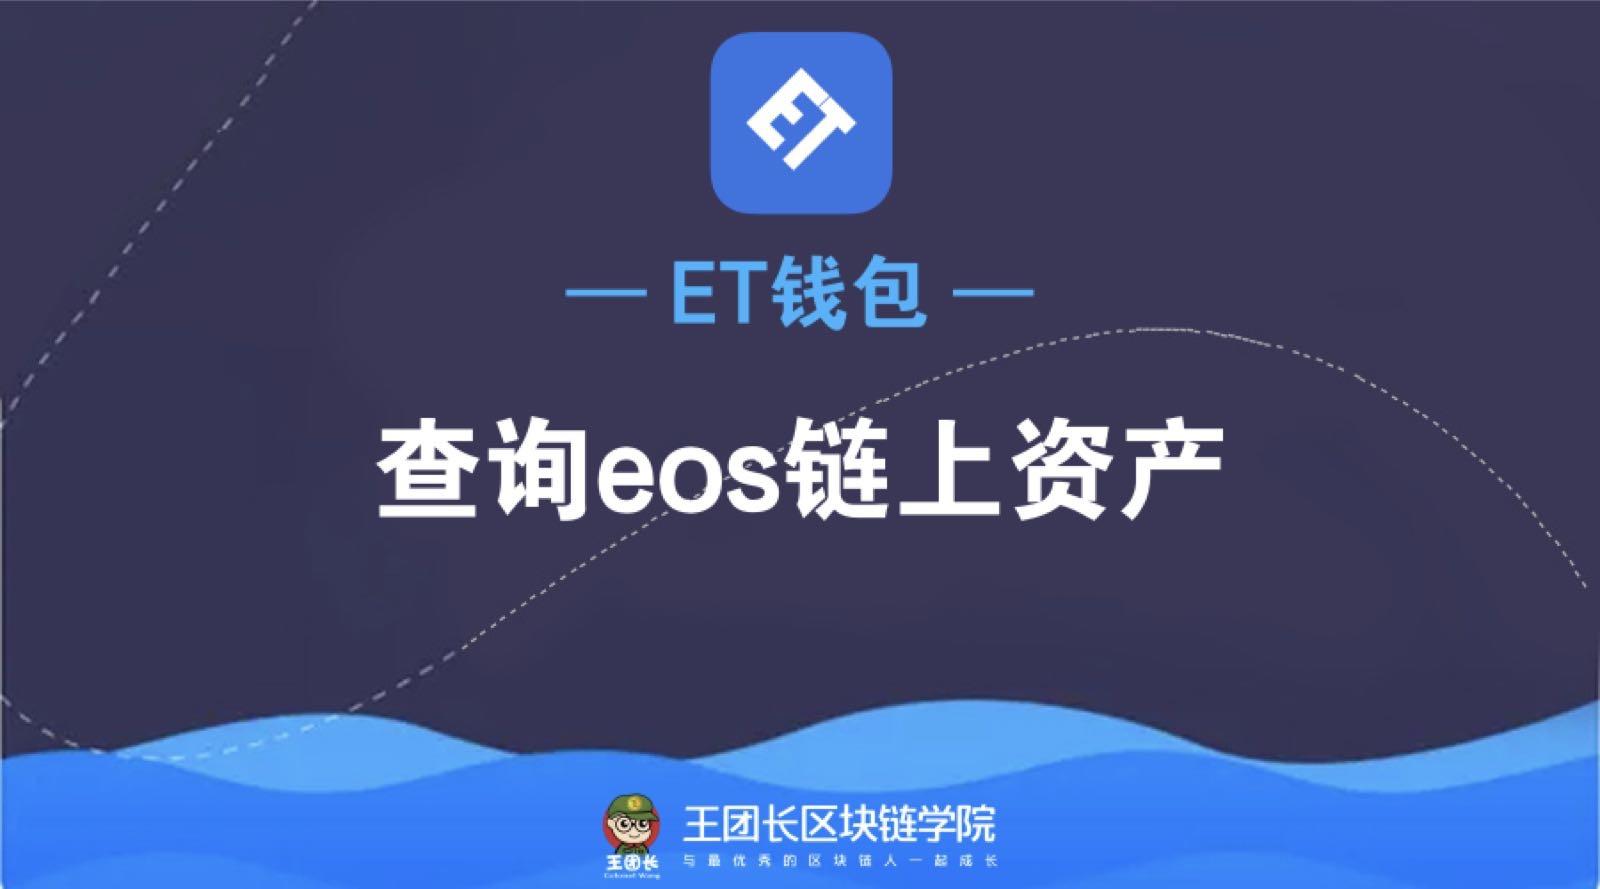 查询eos链上资产